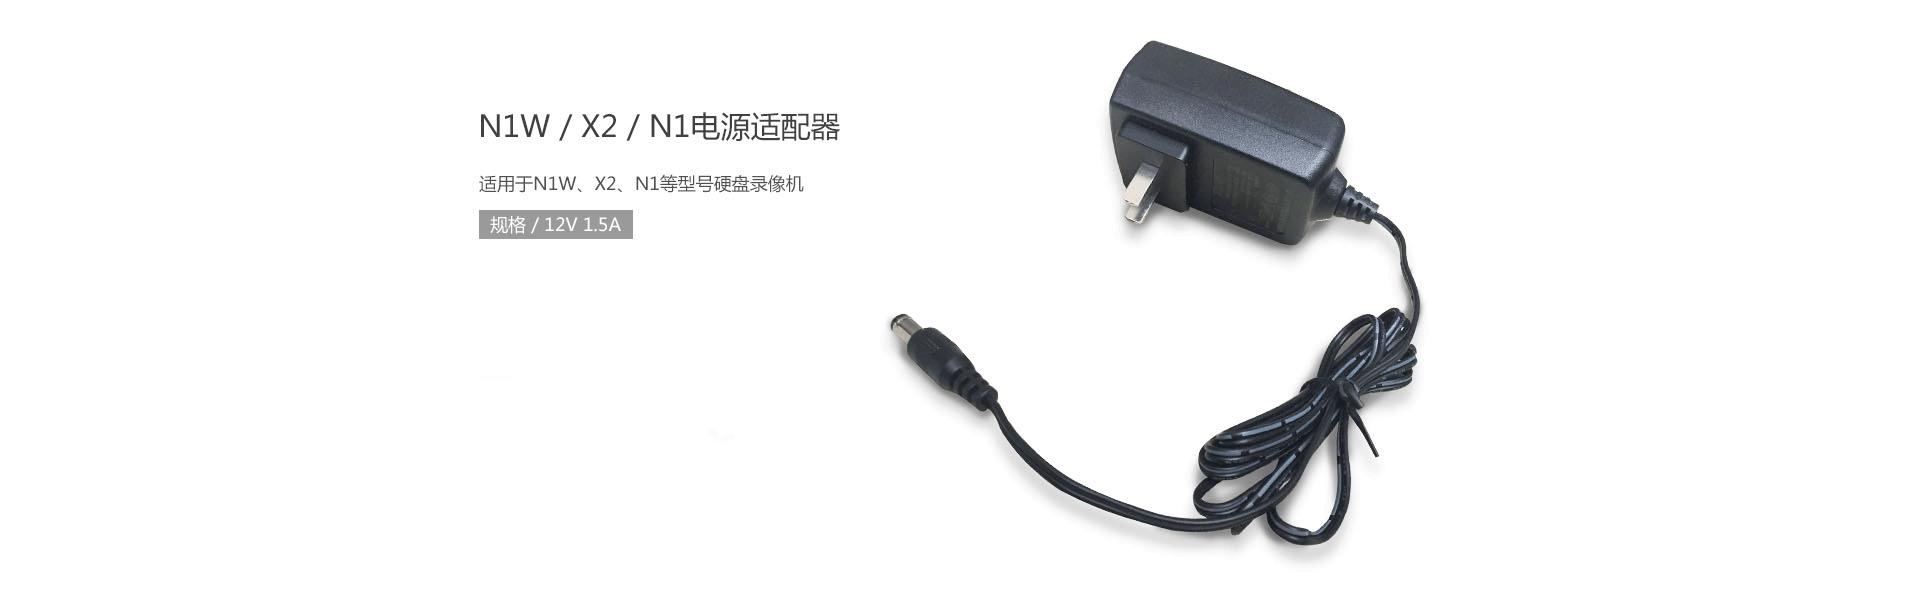 修改-N1W-X2-N1電源適配器-Web.gif